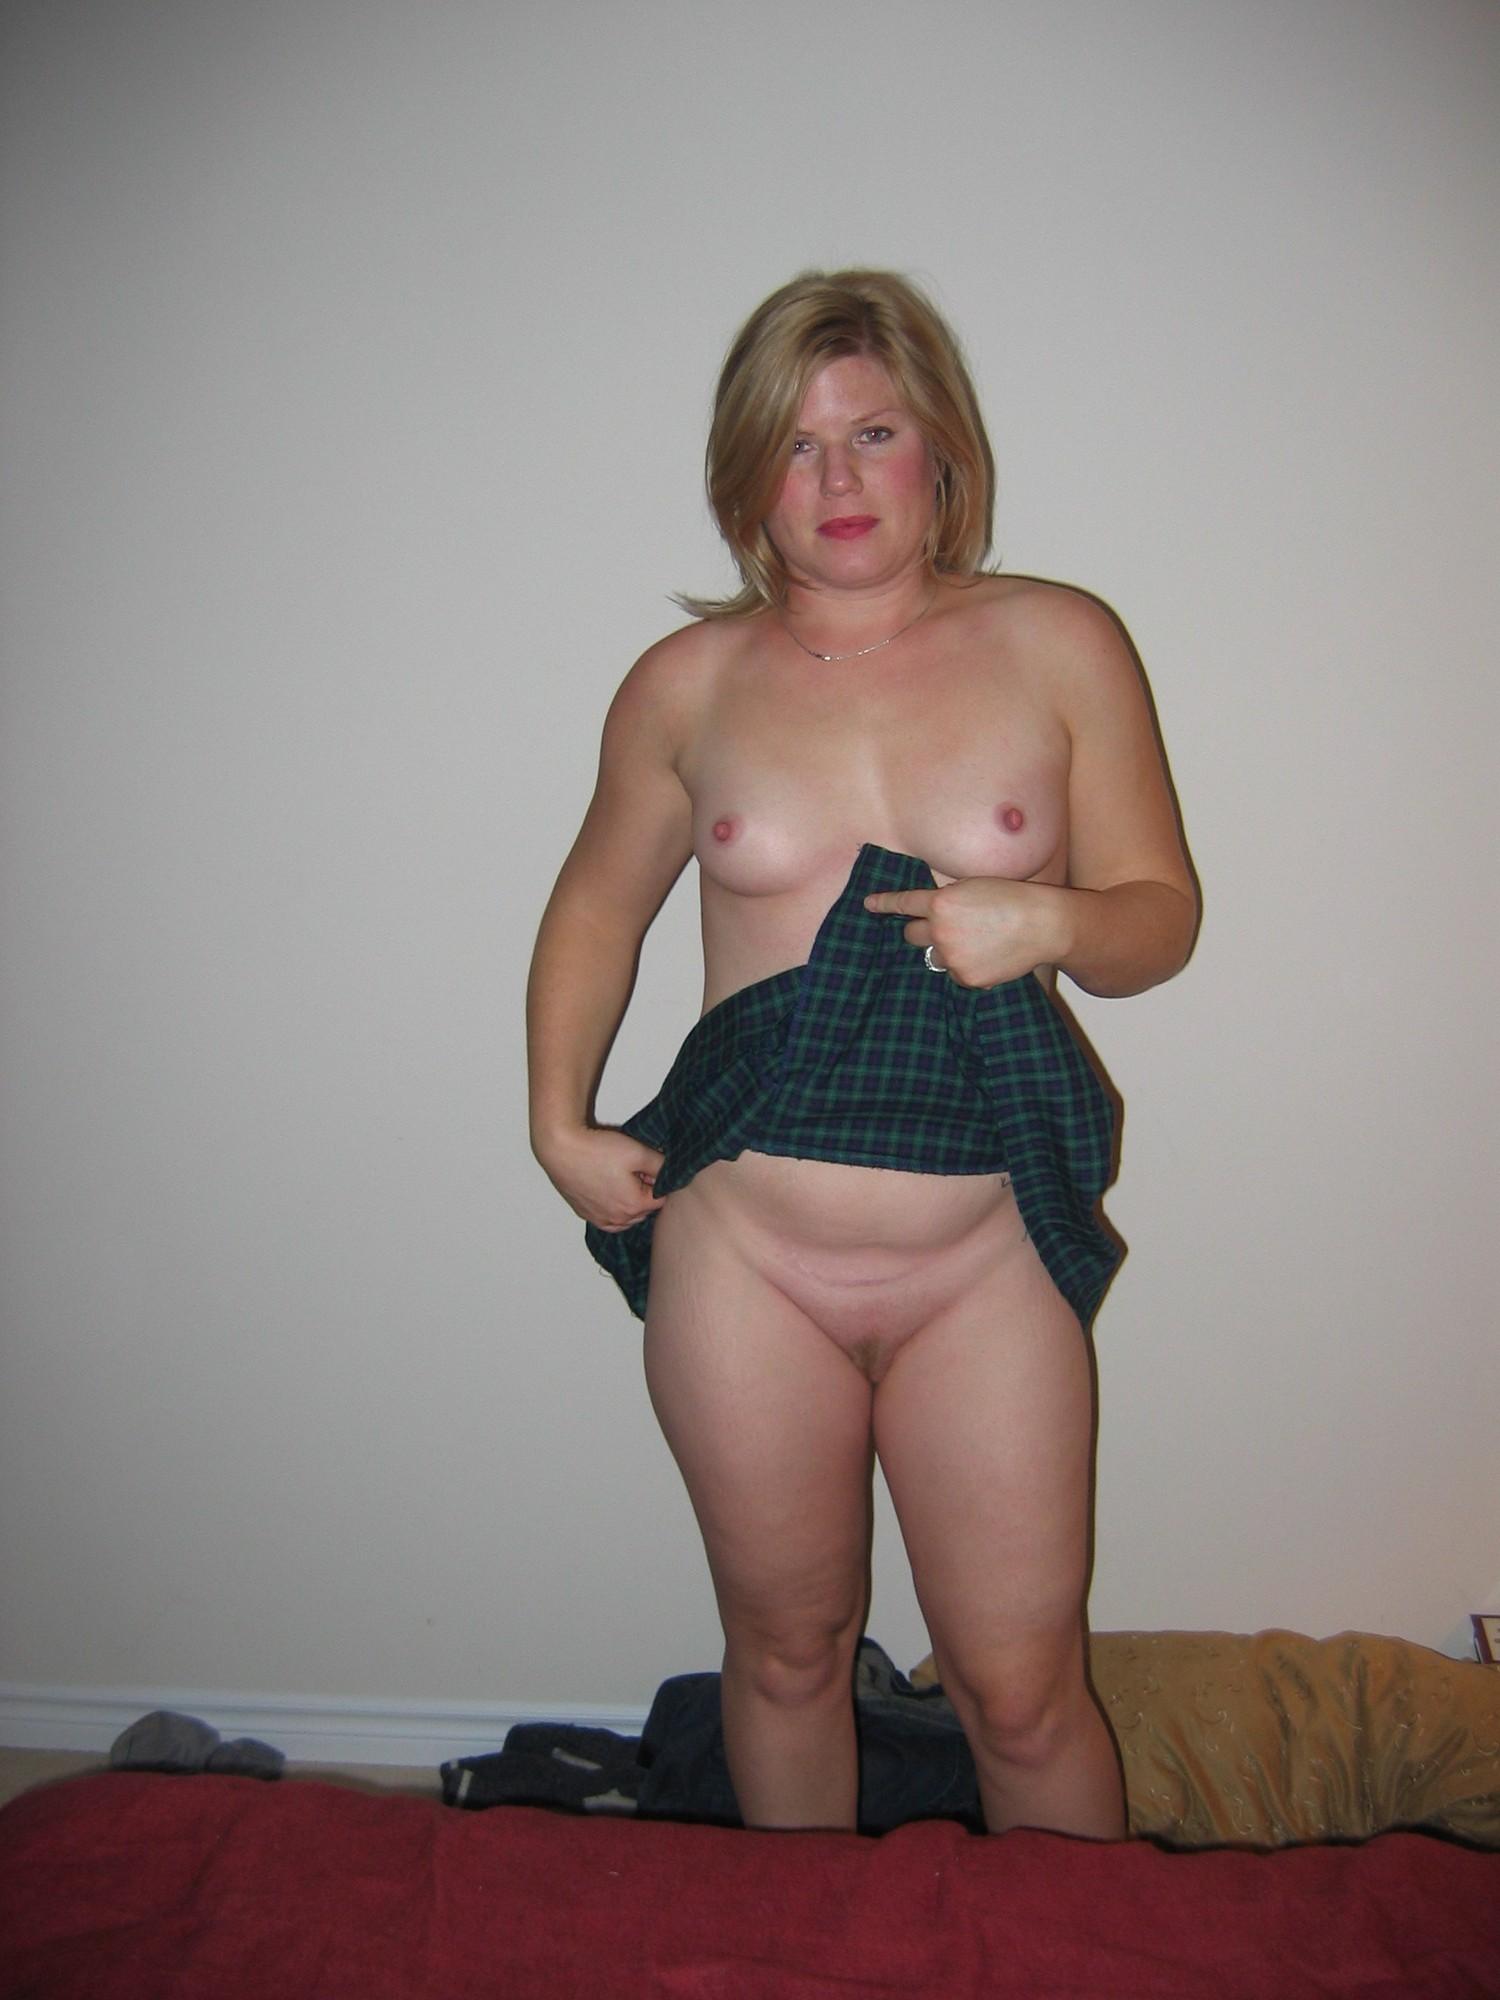 Немолодая женщина в квартире показывает сочную вагину